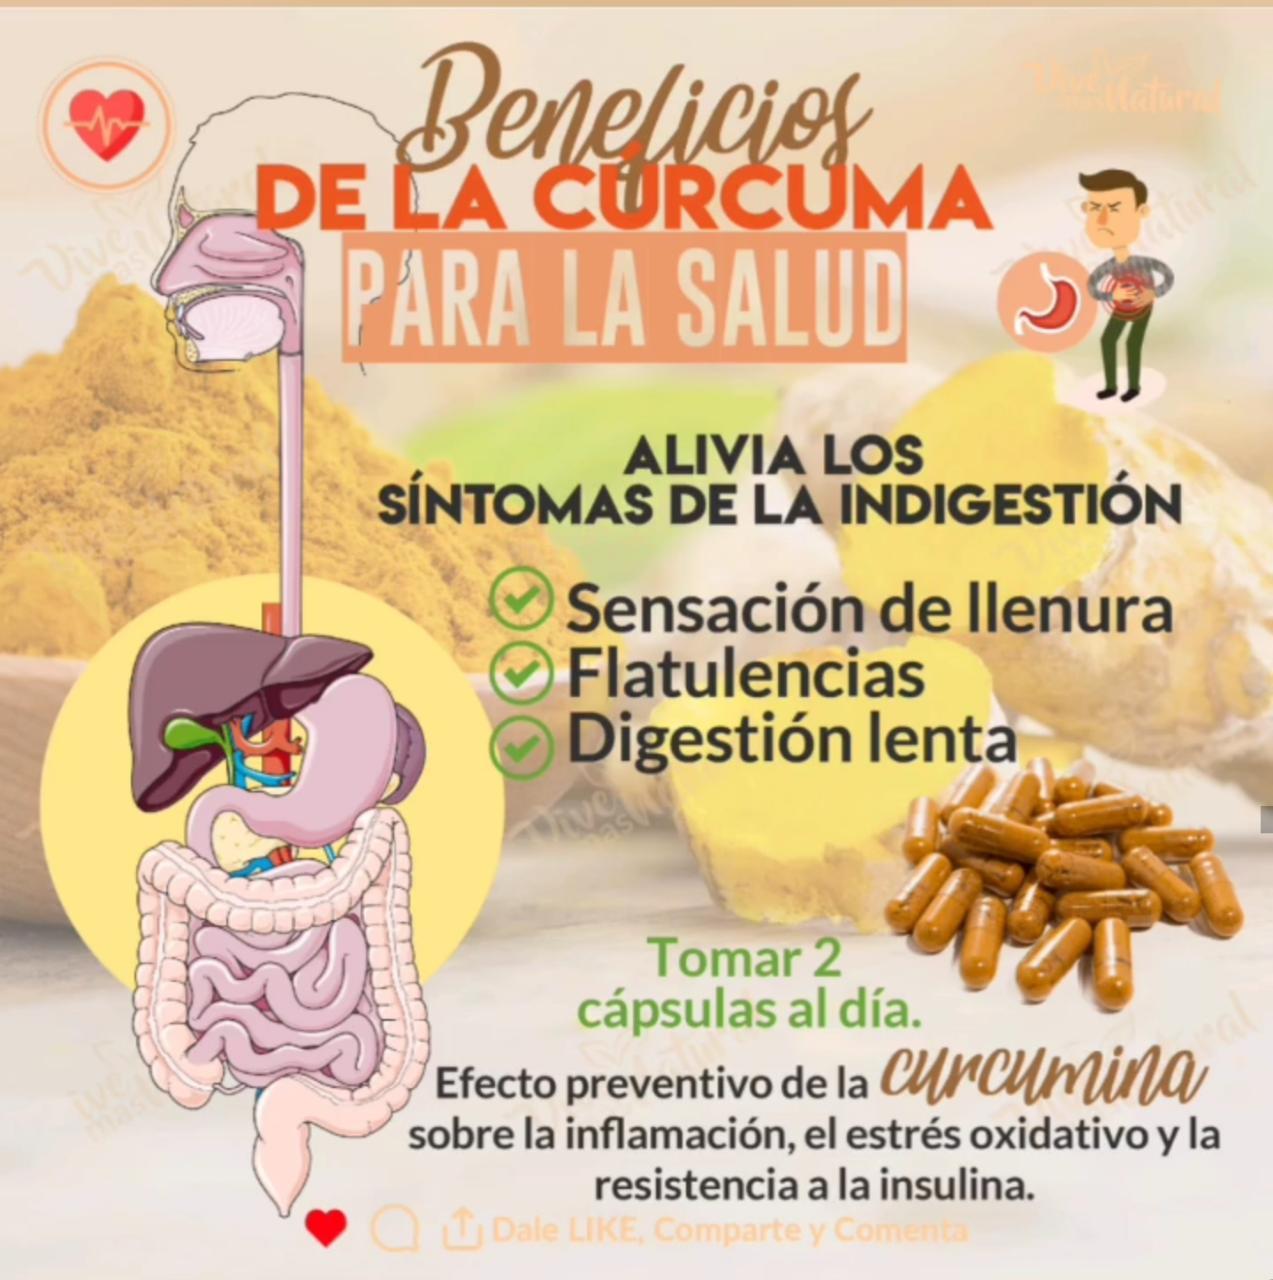 Beneficios De La Cúrcuma para La Salud